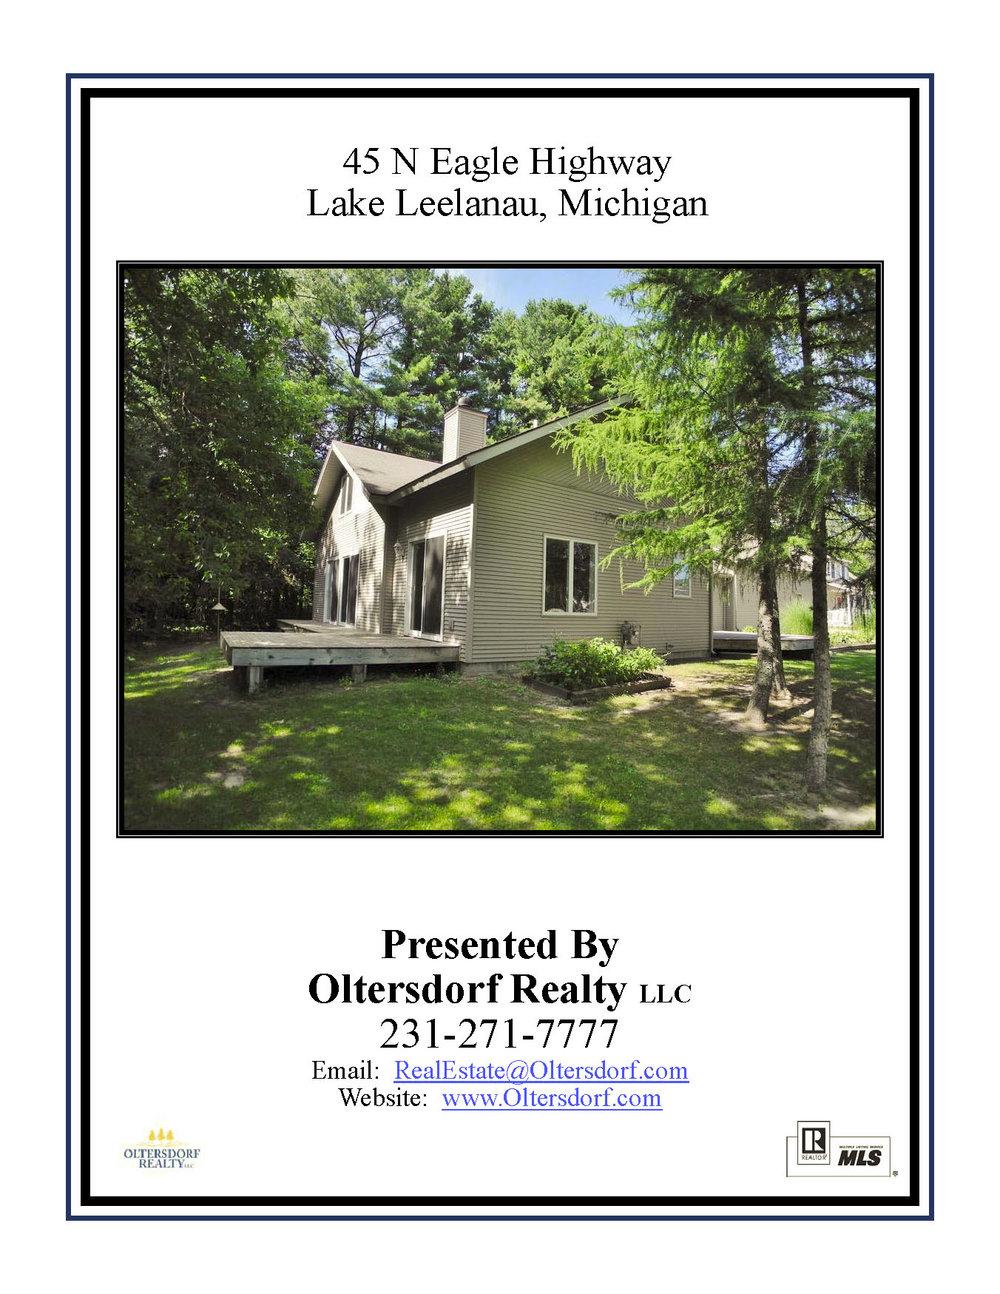 45 N Eagle Highway, Lake Leelanau, Real Estate For Sale by Oltersdorf Realty - Marketing Packet (1).jpg